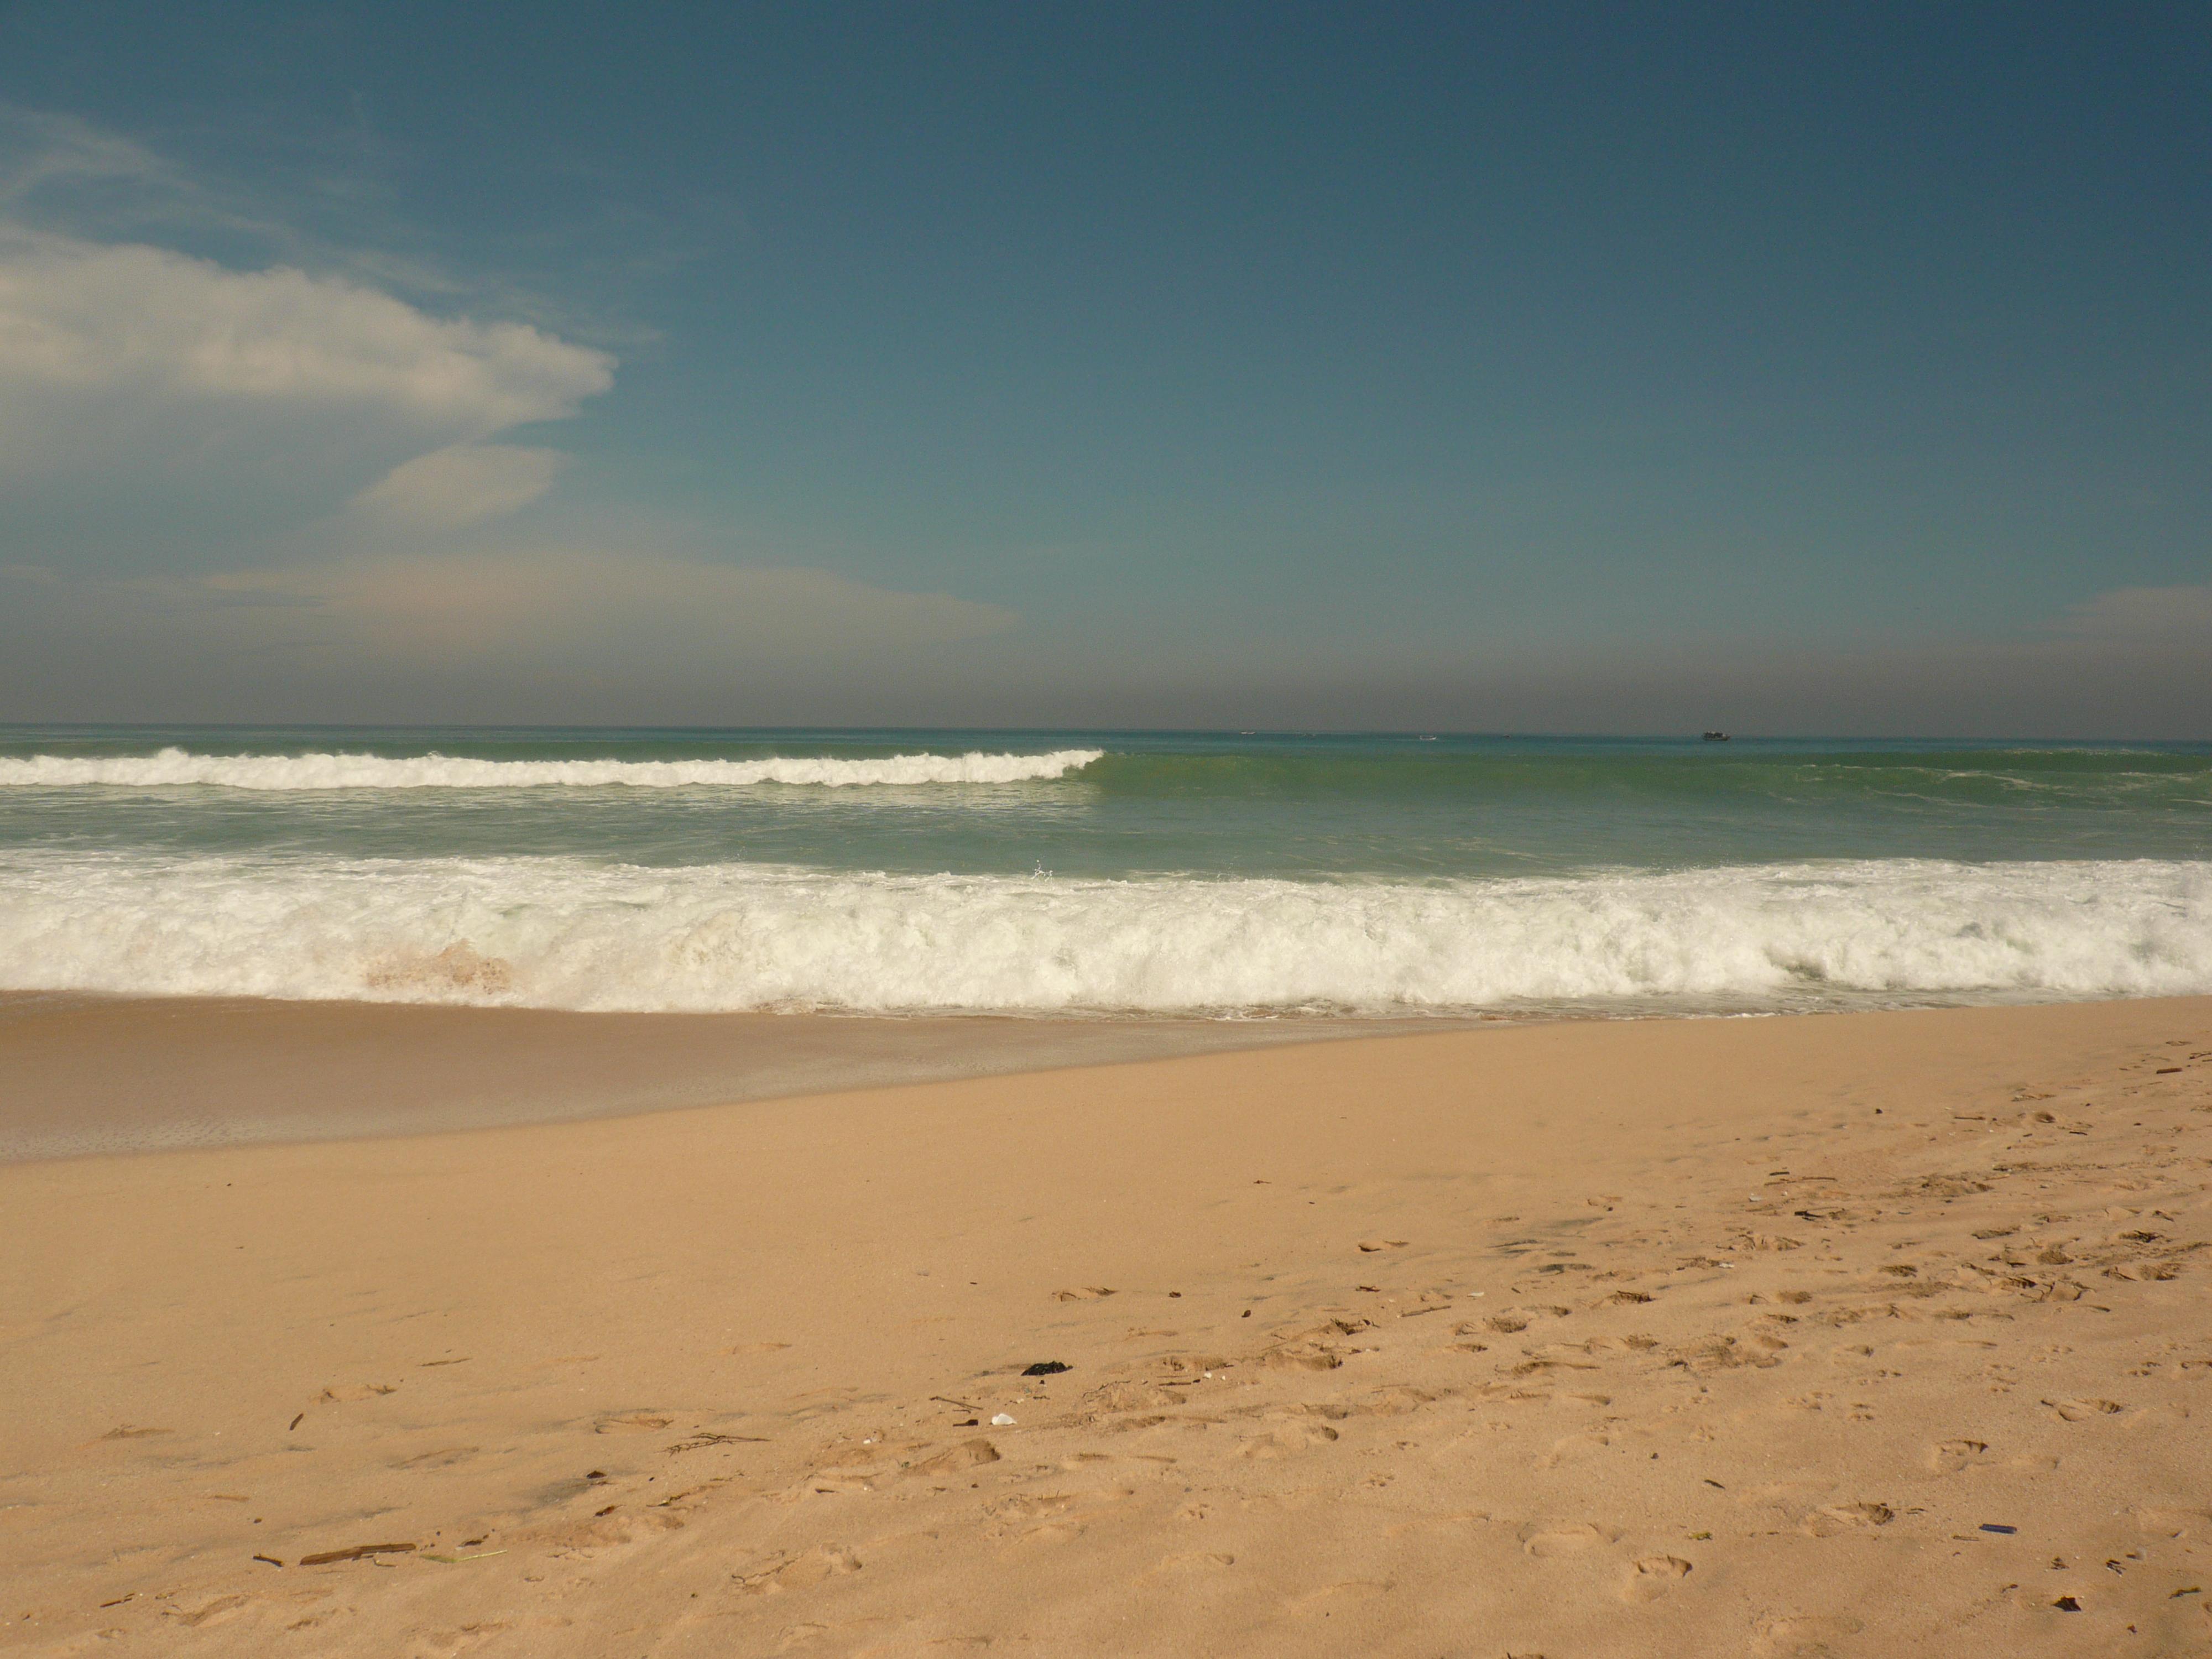 无人的沙滩和海边~ 在巴厘岛的几天,由于是大潮时节,海浪都特别高图片